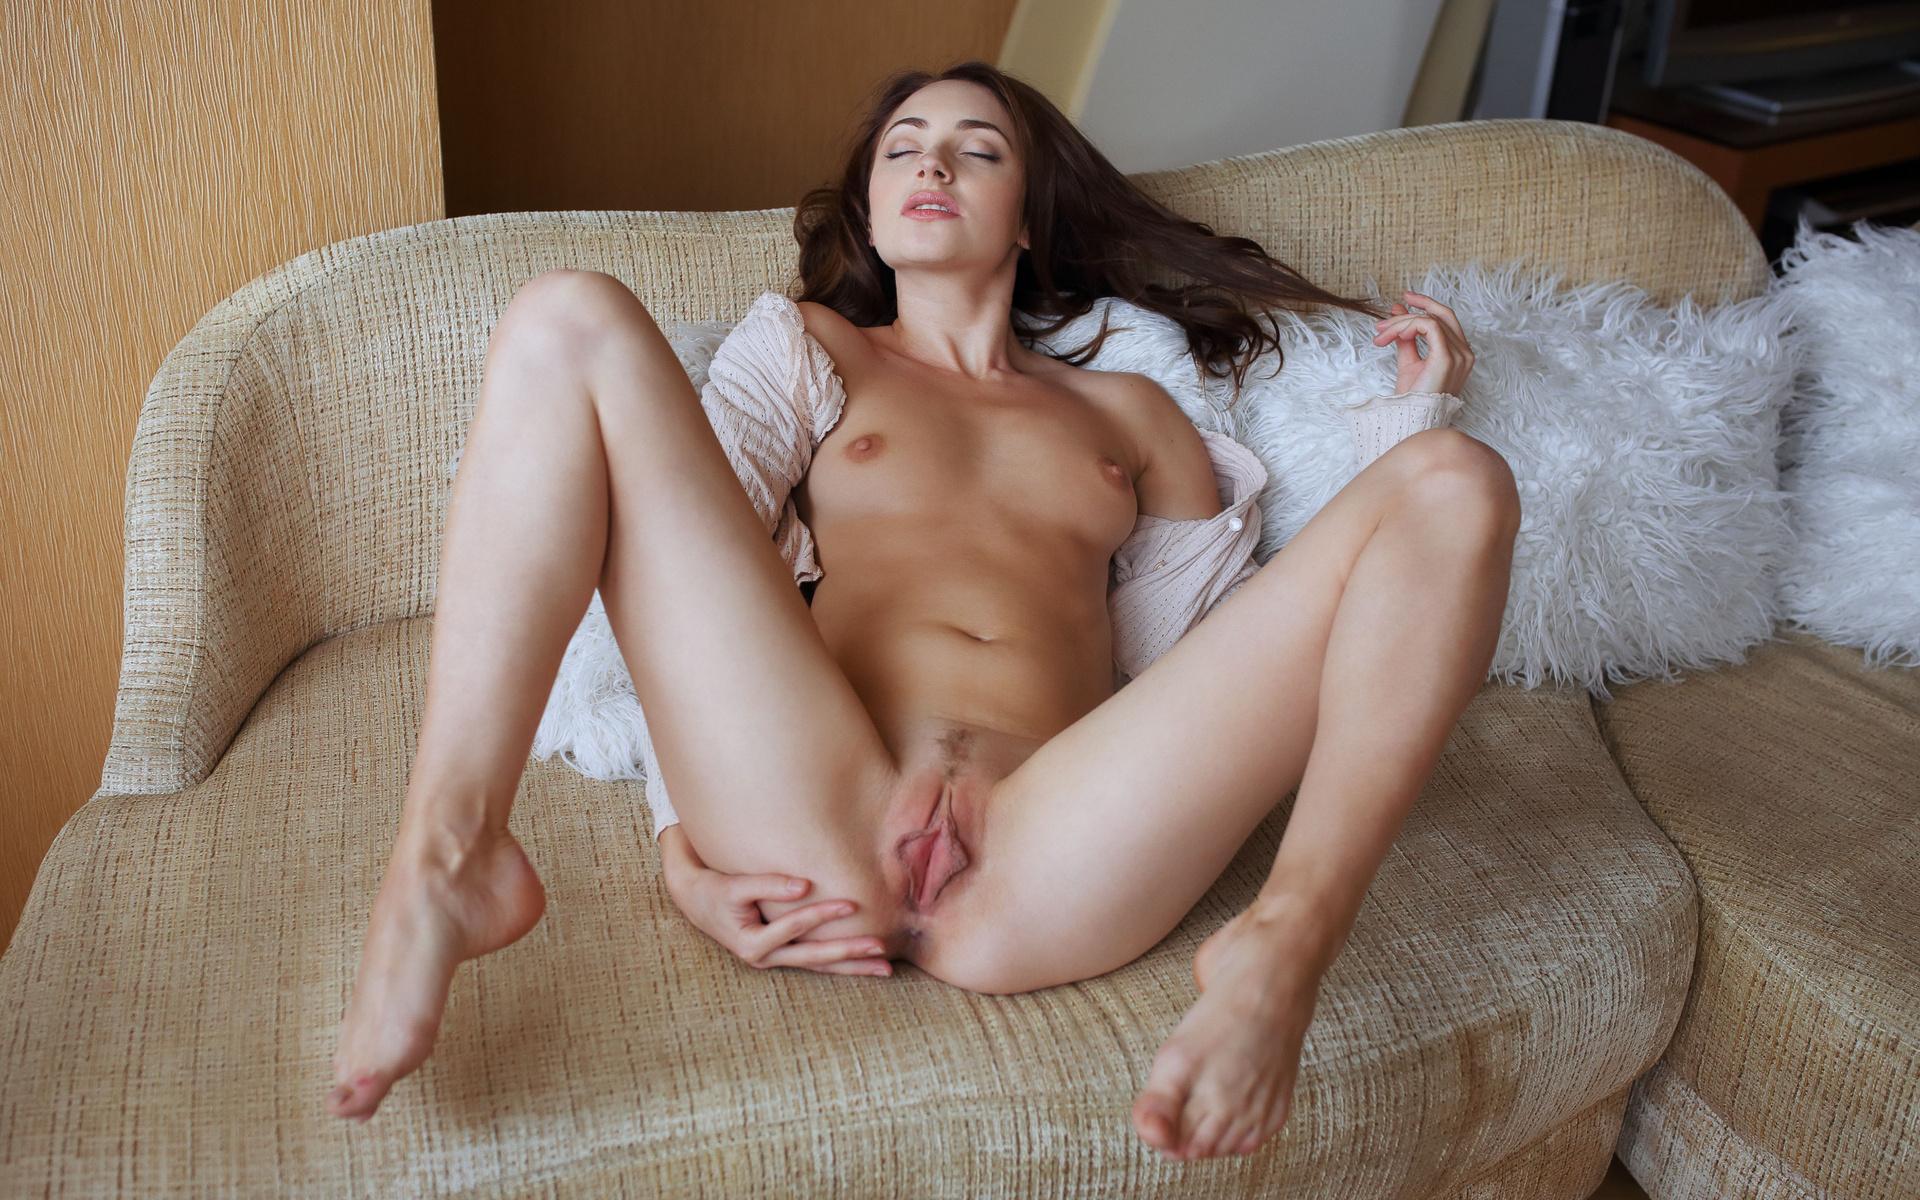 Нога на киске порно фото 13